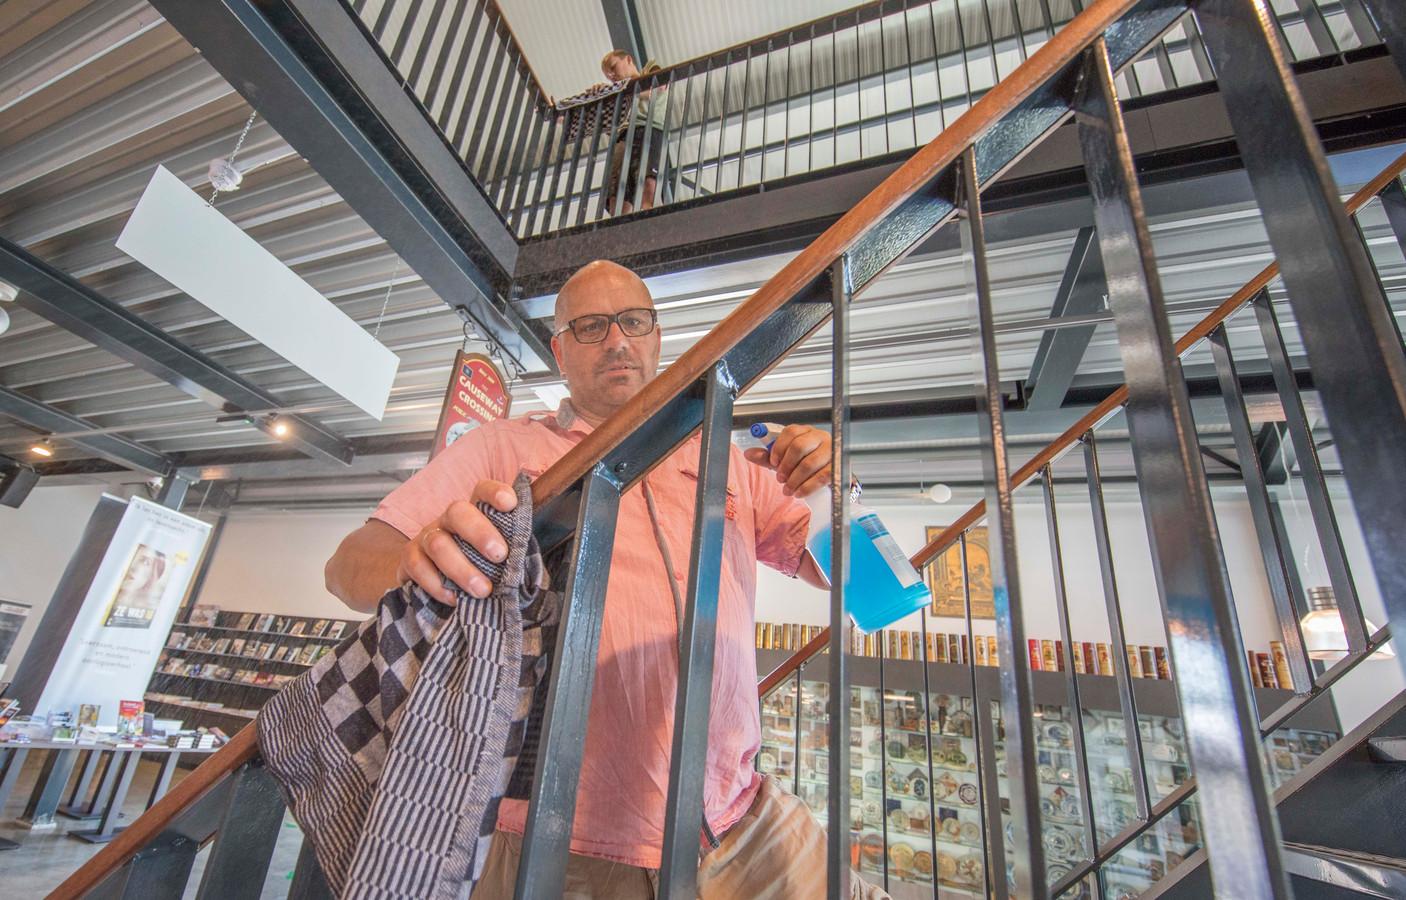 Vrijwilliger Hubert Moerman ontsmet de leuning van een trap. Zijn zoon Mika (ook vrijwilliger) is boven bezig.